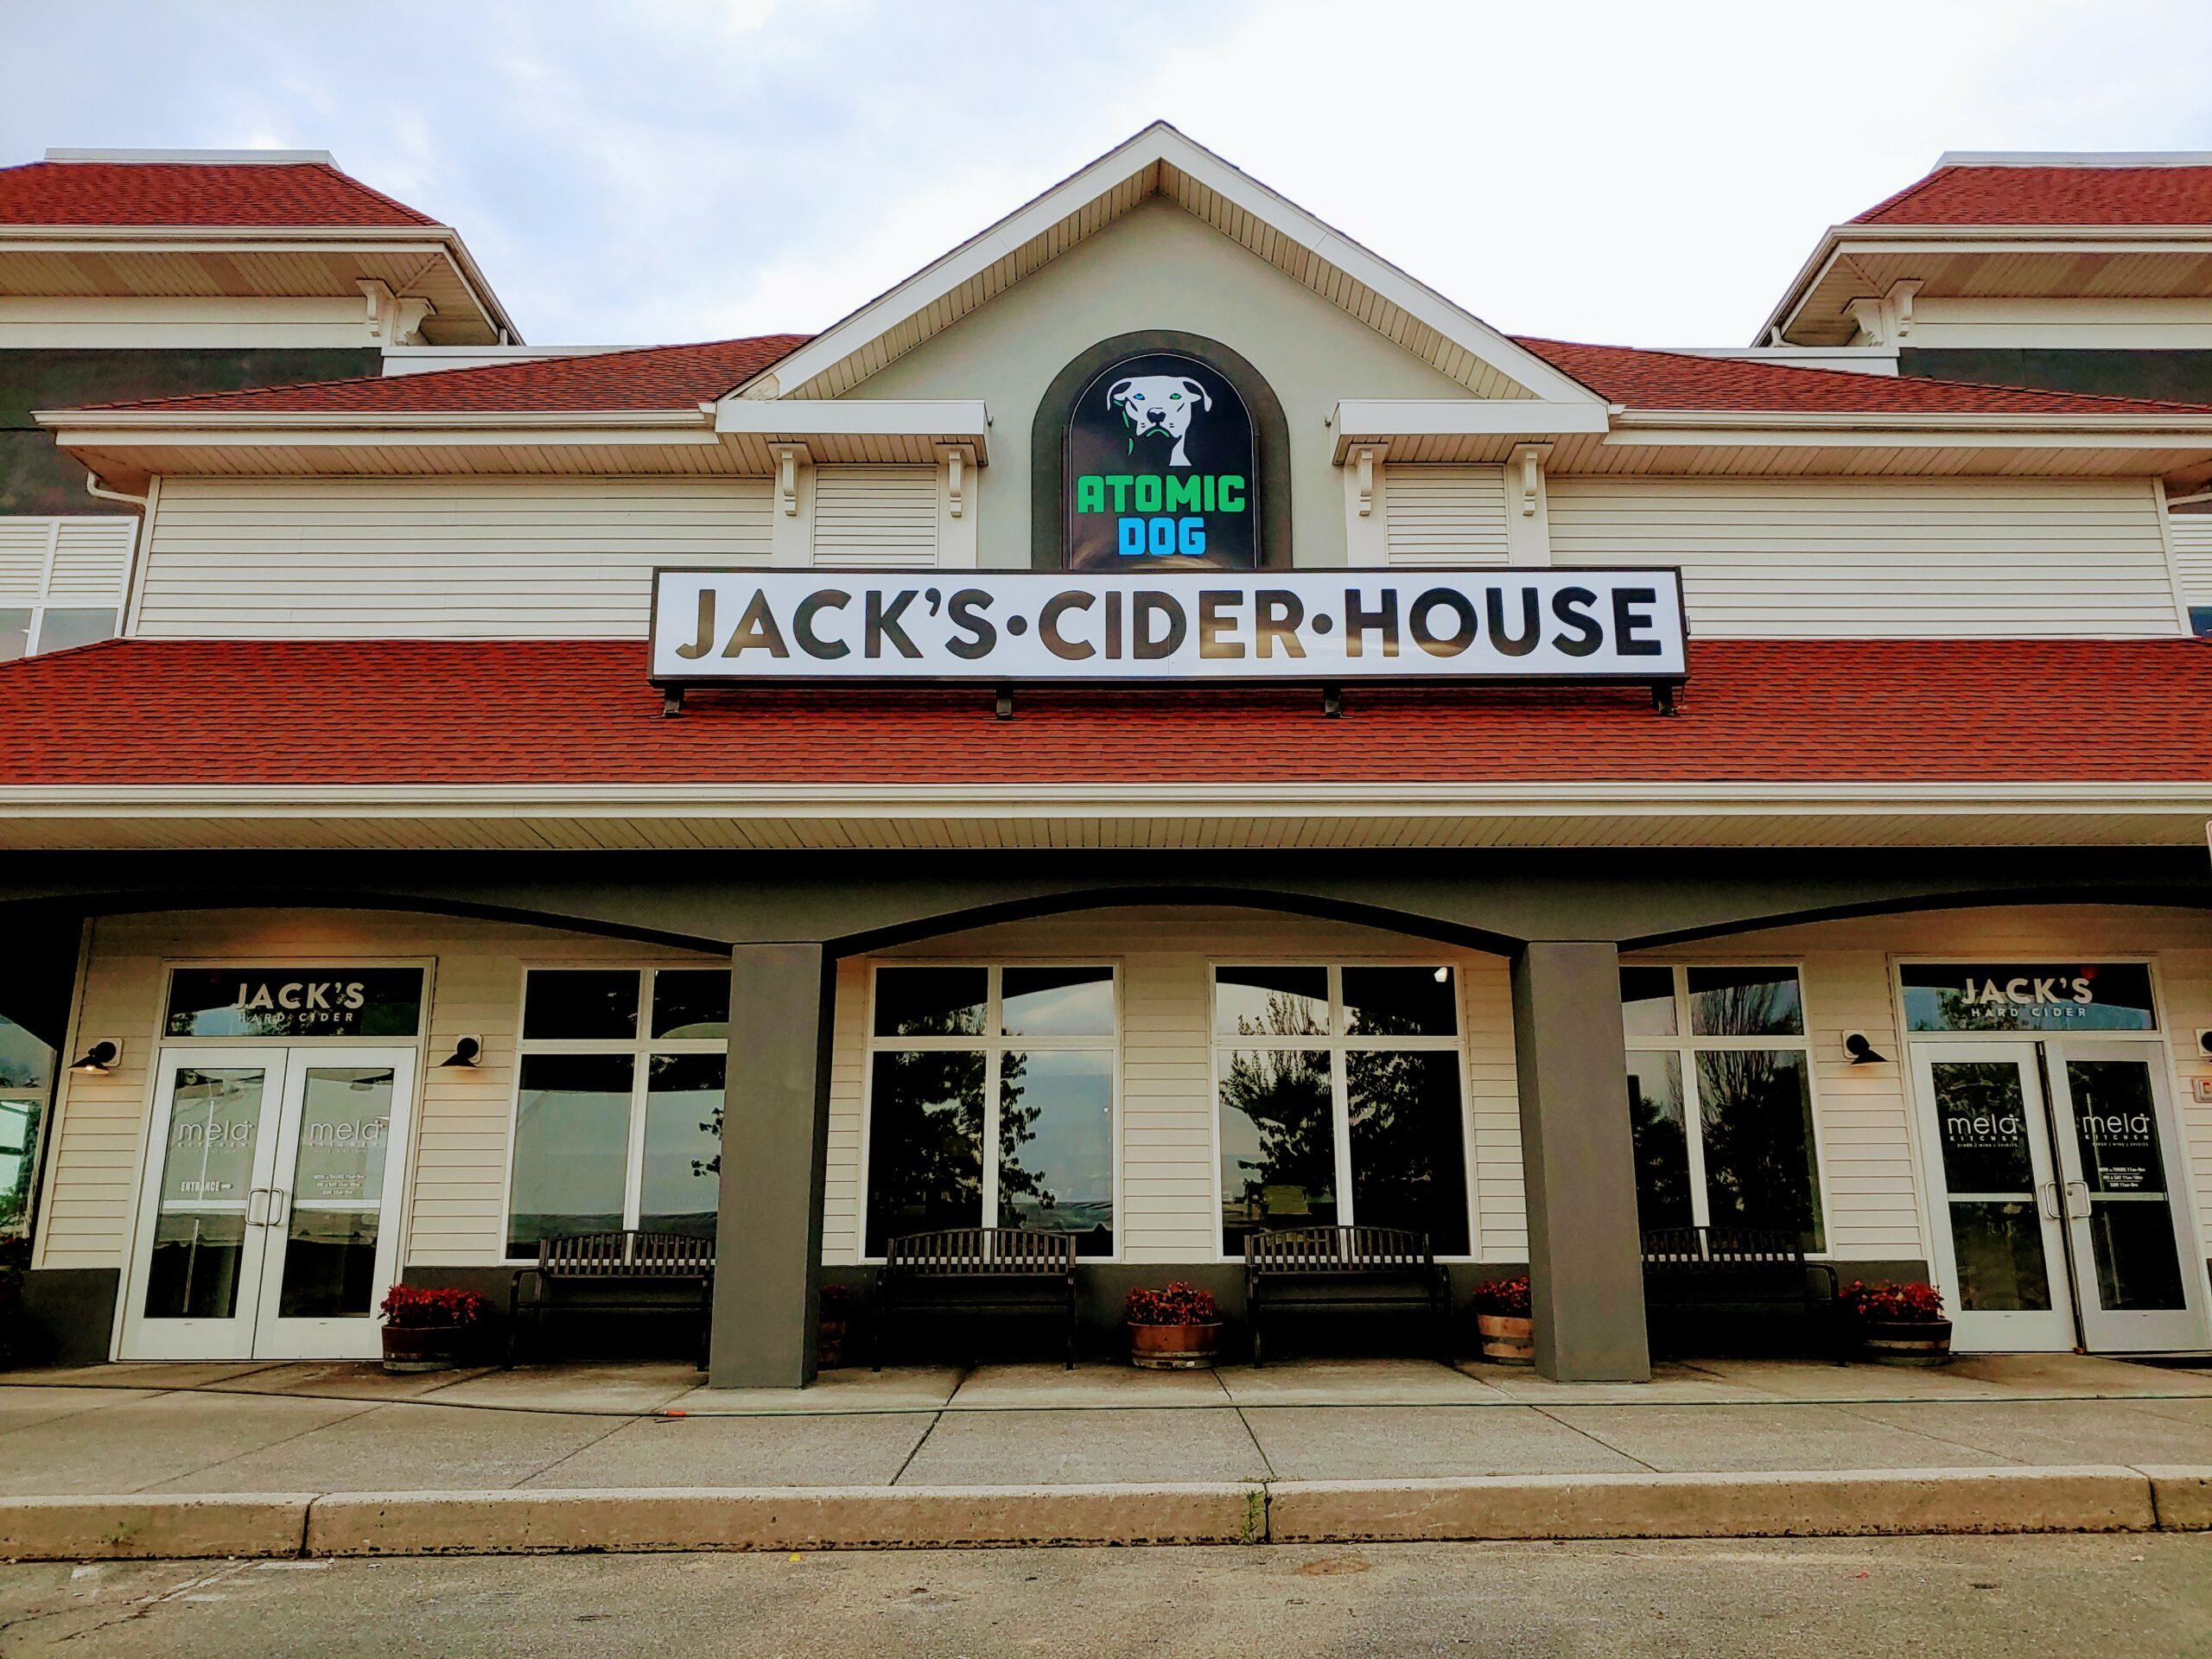 Jack's Cider House front